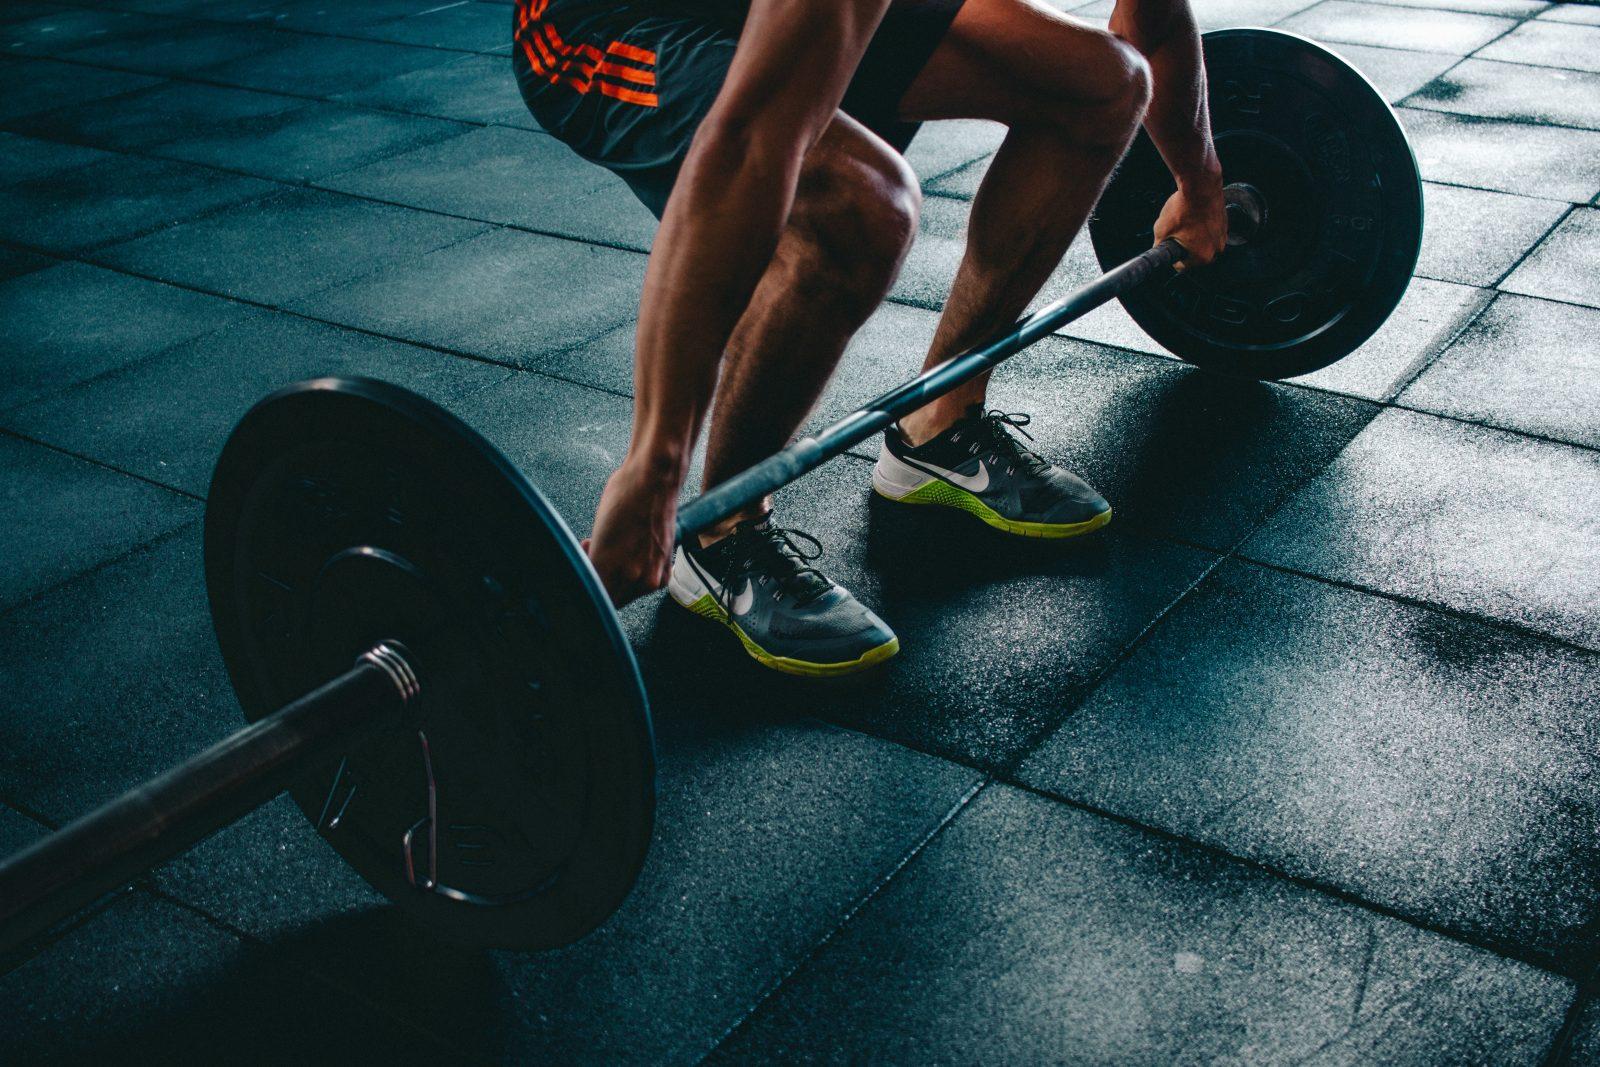 覺醒健身:如何做好健身規劃課表—想要的目標決定了你的課表